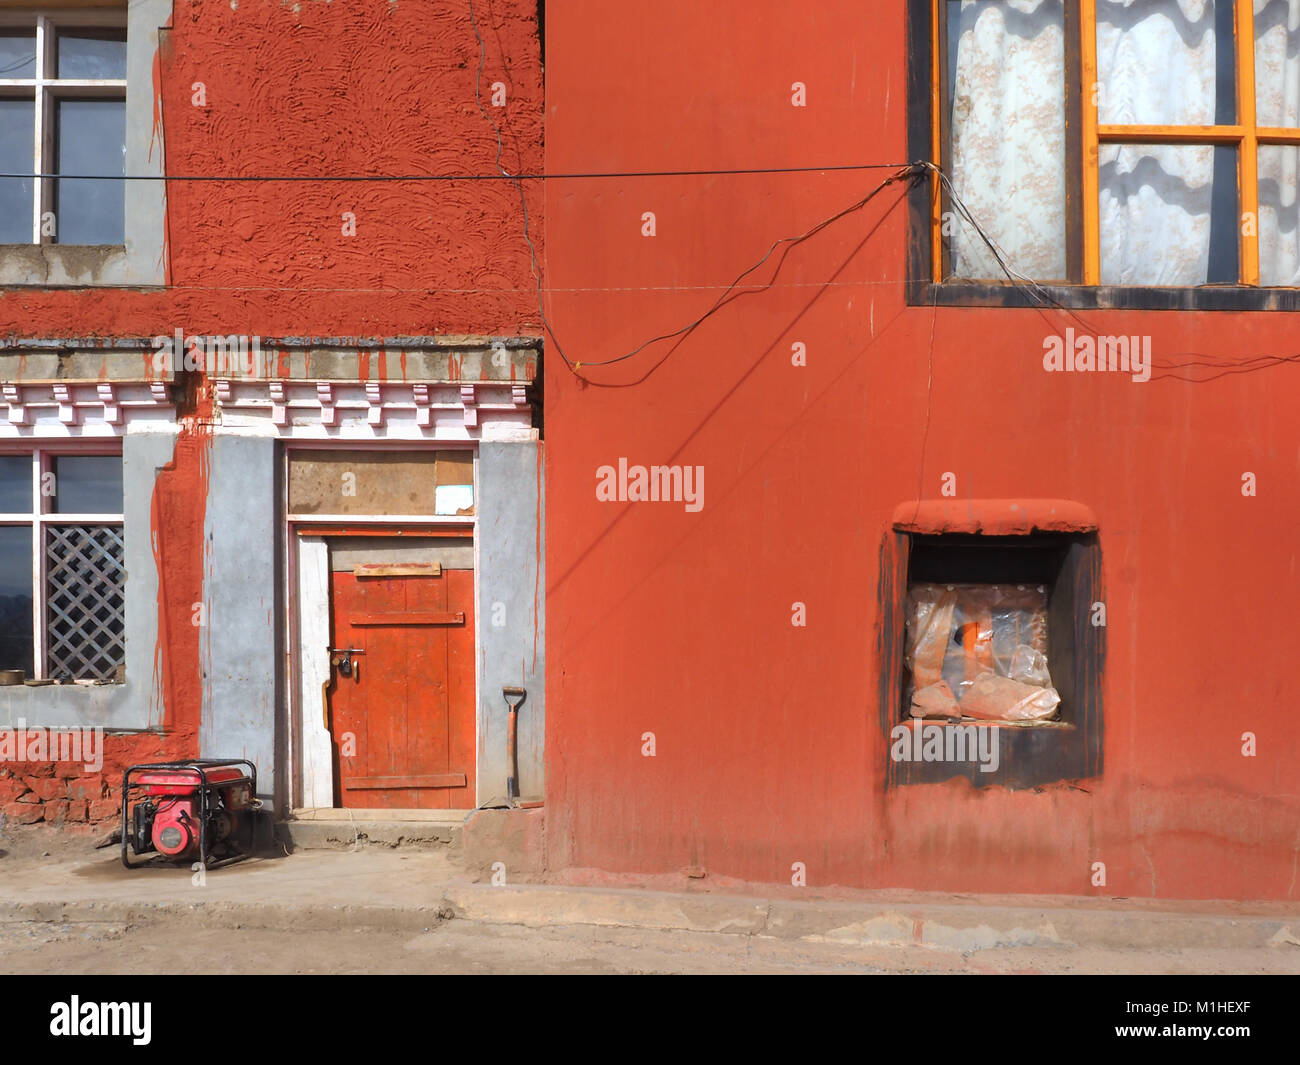 Pared de arcilla roja antigua casa vintage con marcos de ventana de ...